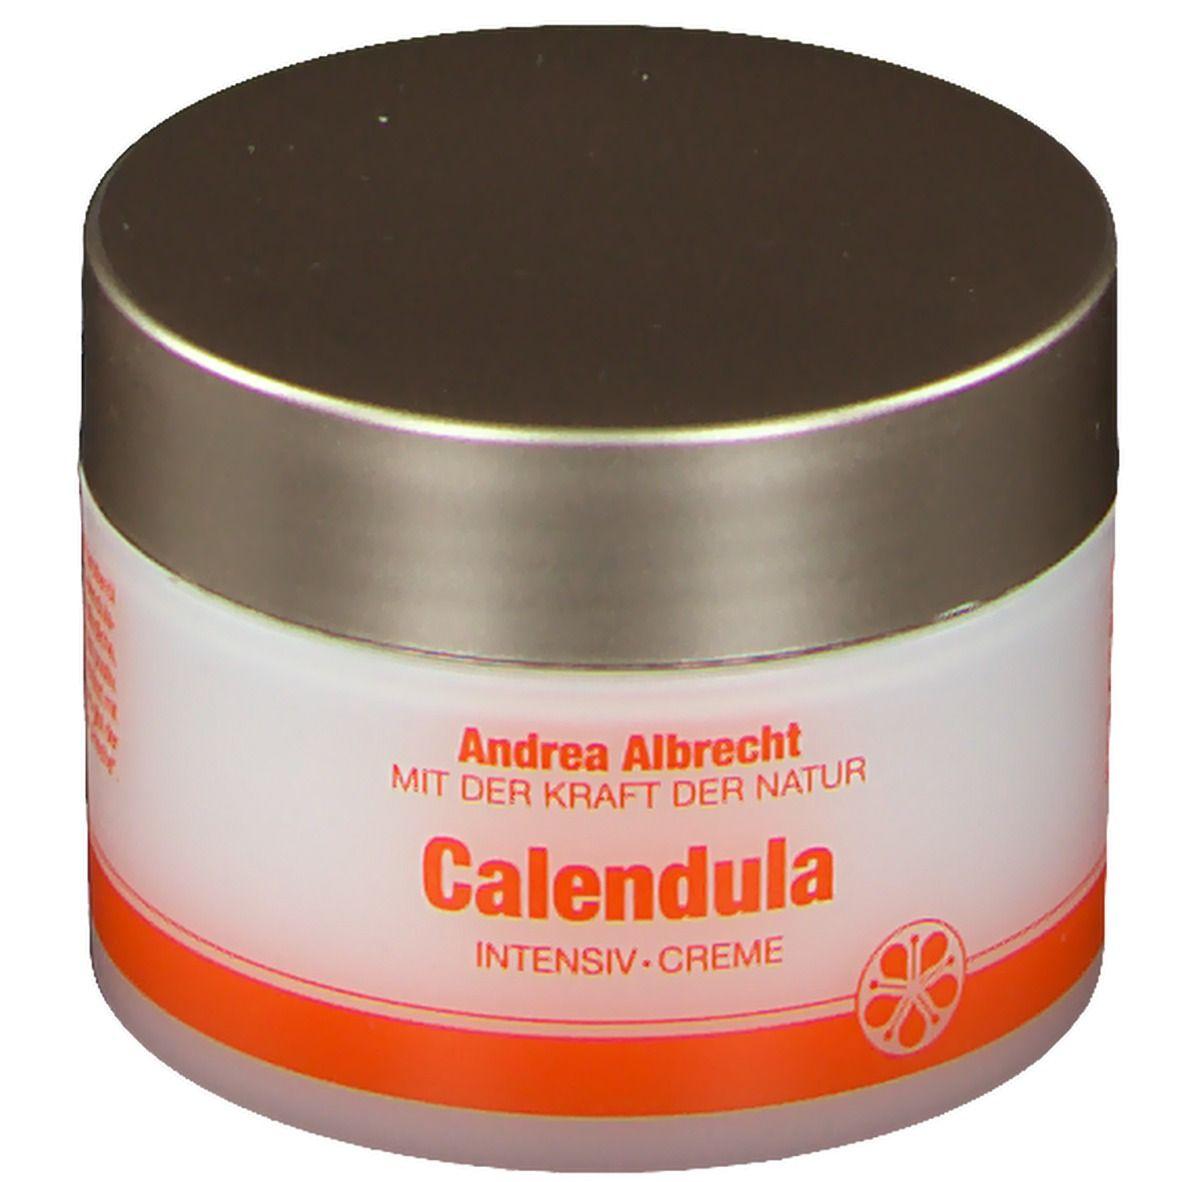 Andrea Albrecht Calendula Intensiv-Creme